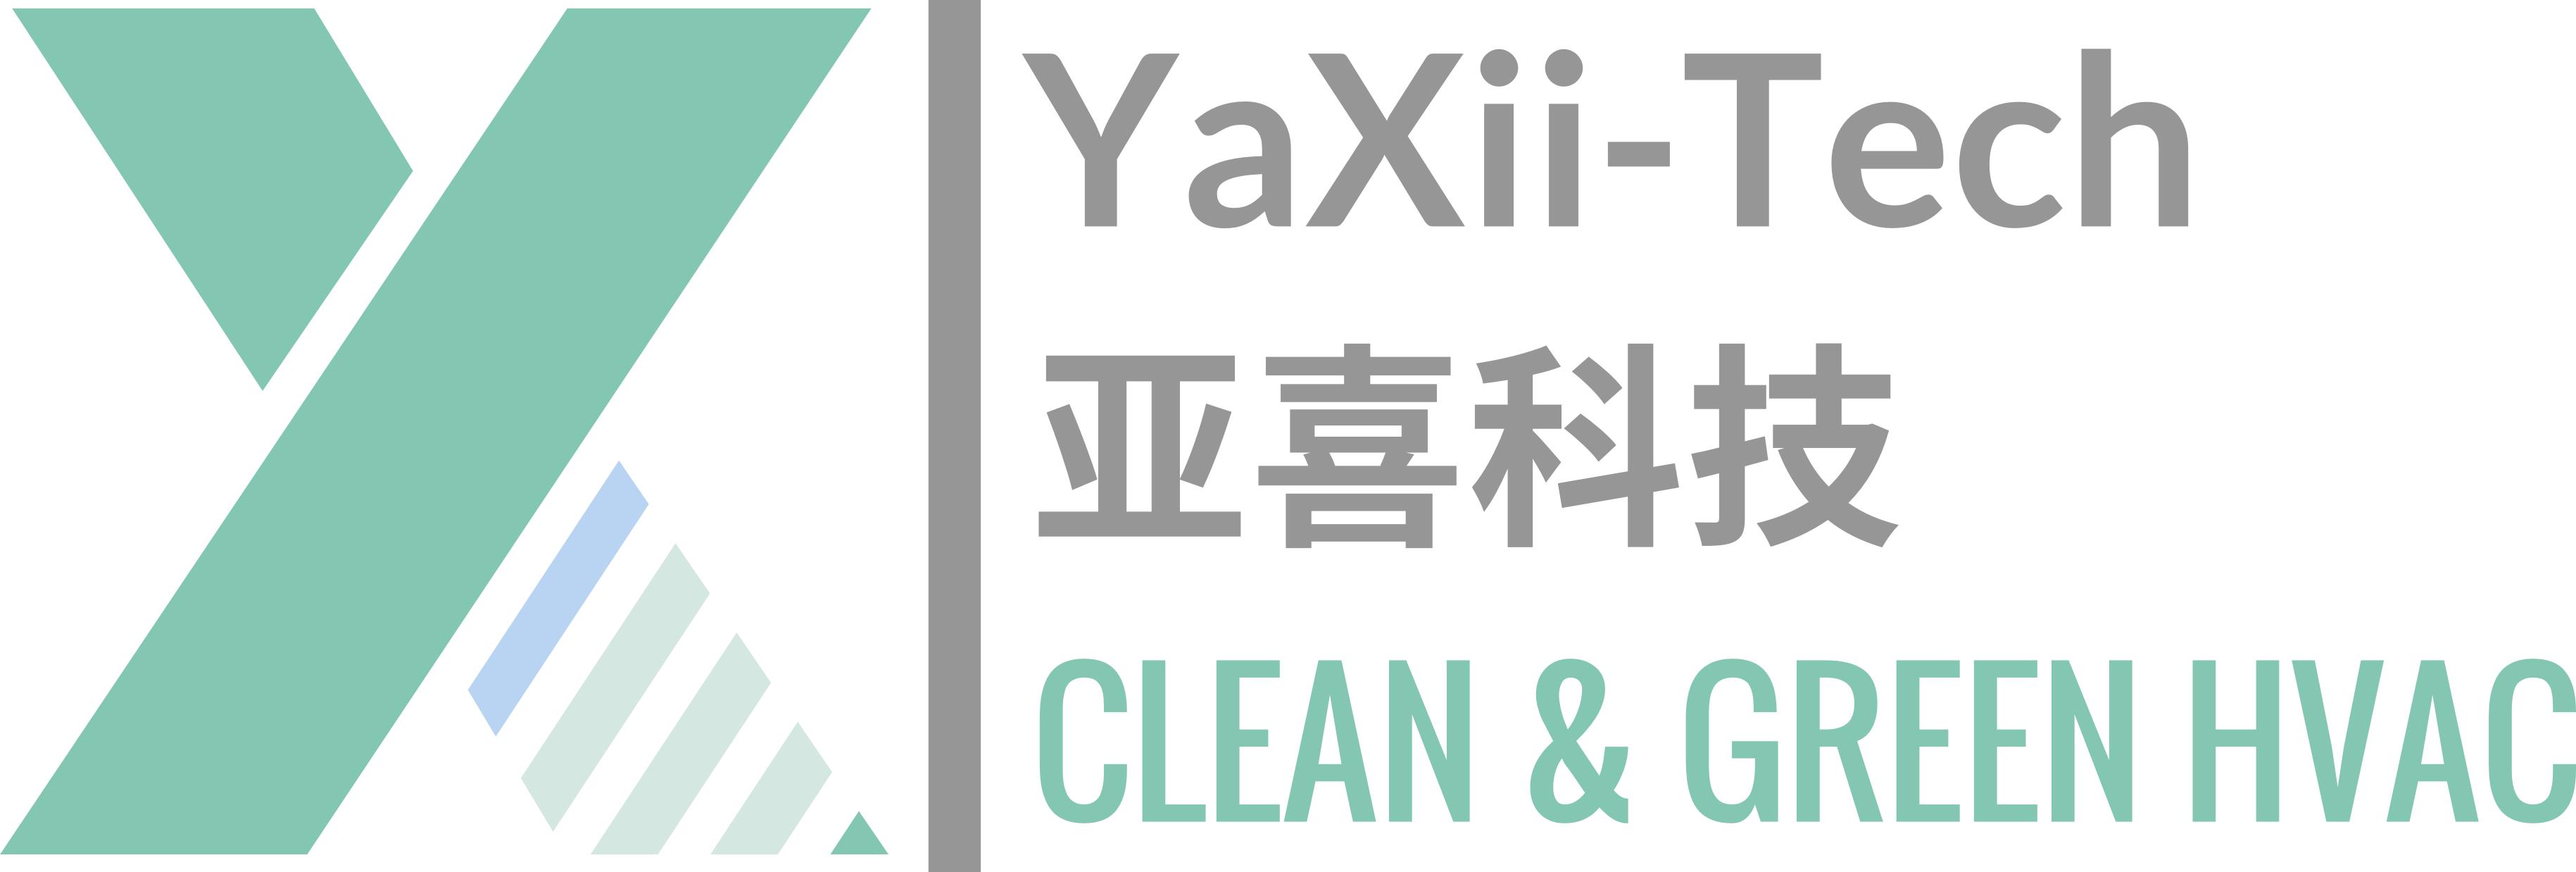 亞喜科技(上海)有限公司